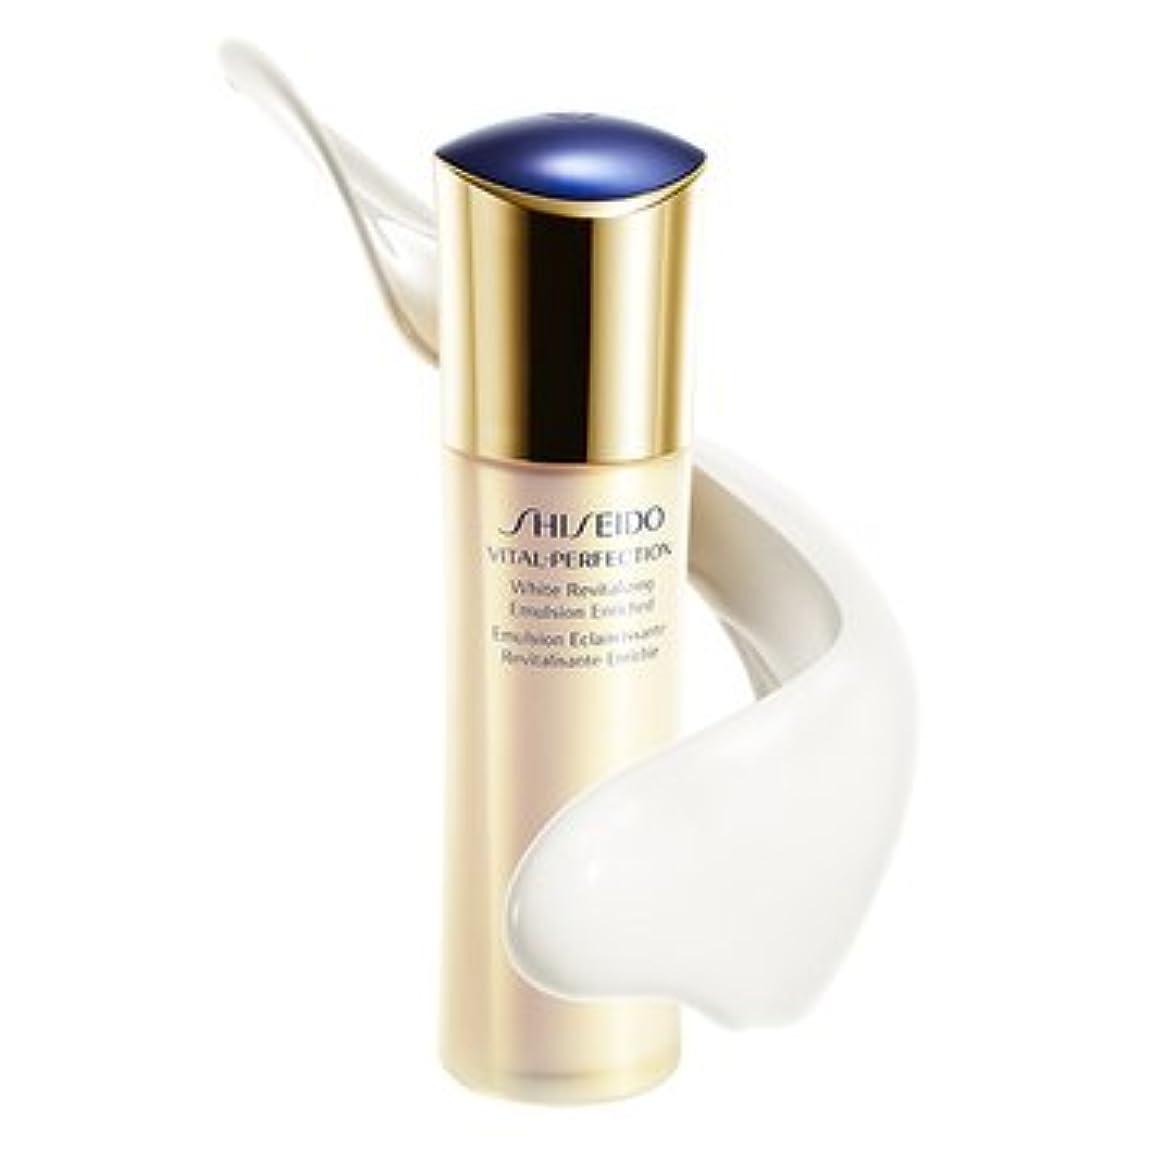 ジョガー静かに買い手資生堂/shiseido バイタルパーフェクション/VITAL-PERFECTION ホワイトRV エマルジョン(医薬部外品)美白乳液